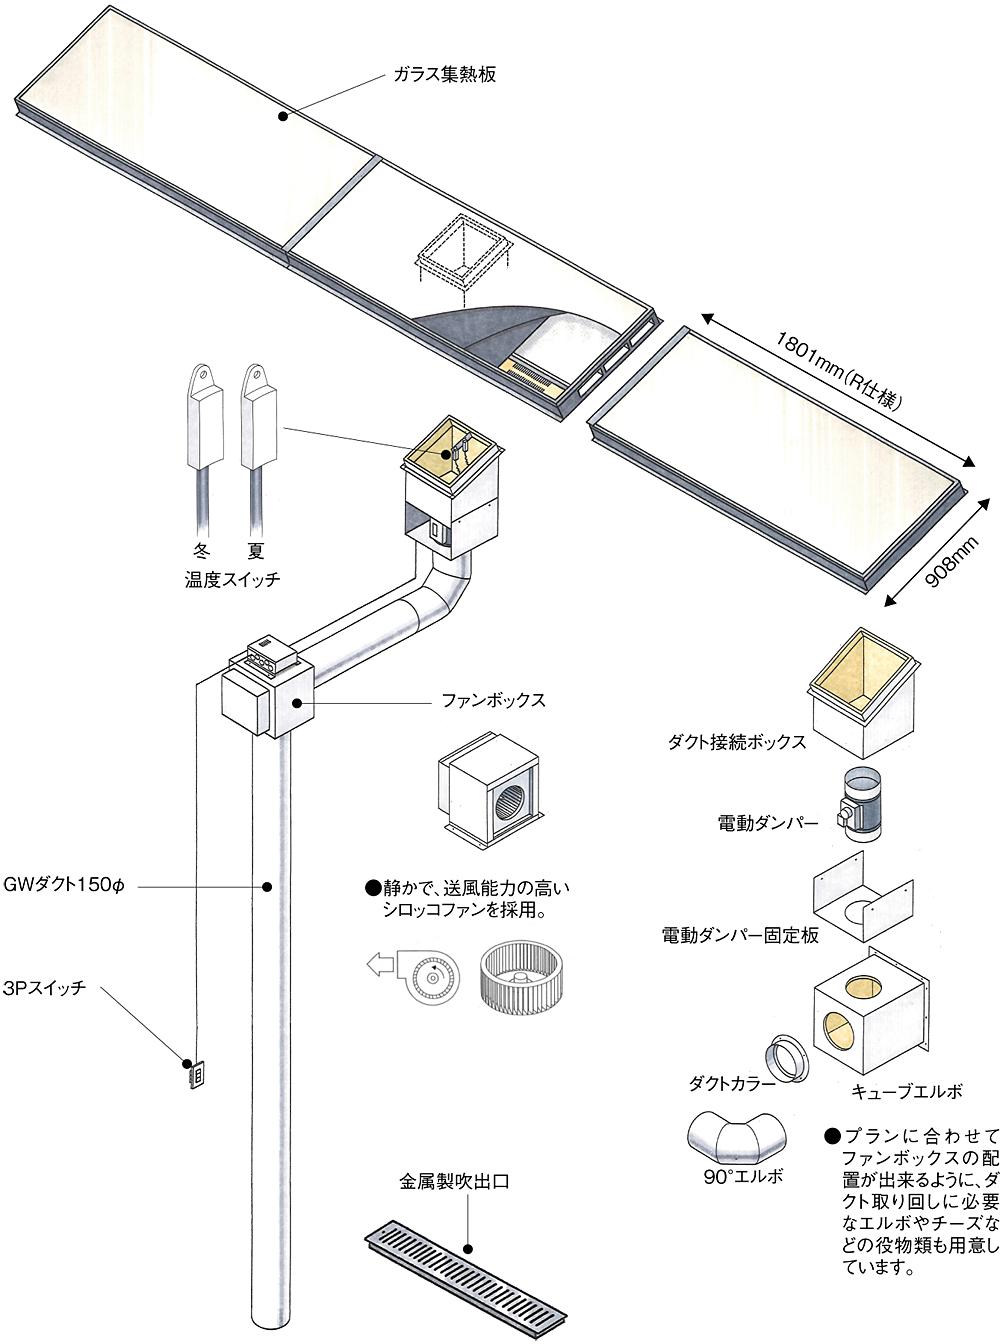 びおソーラー部品図